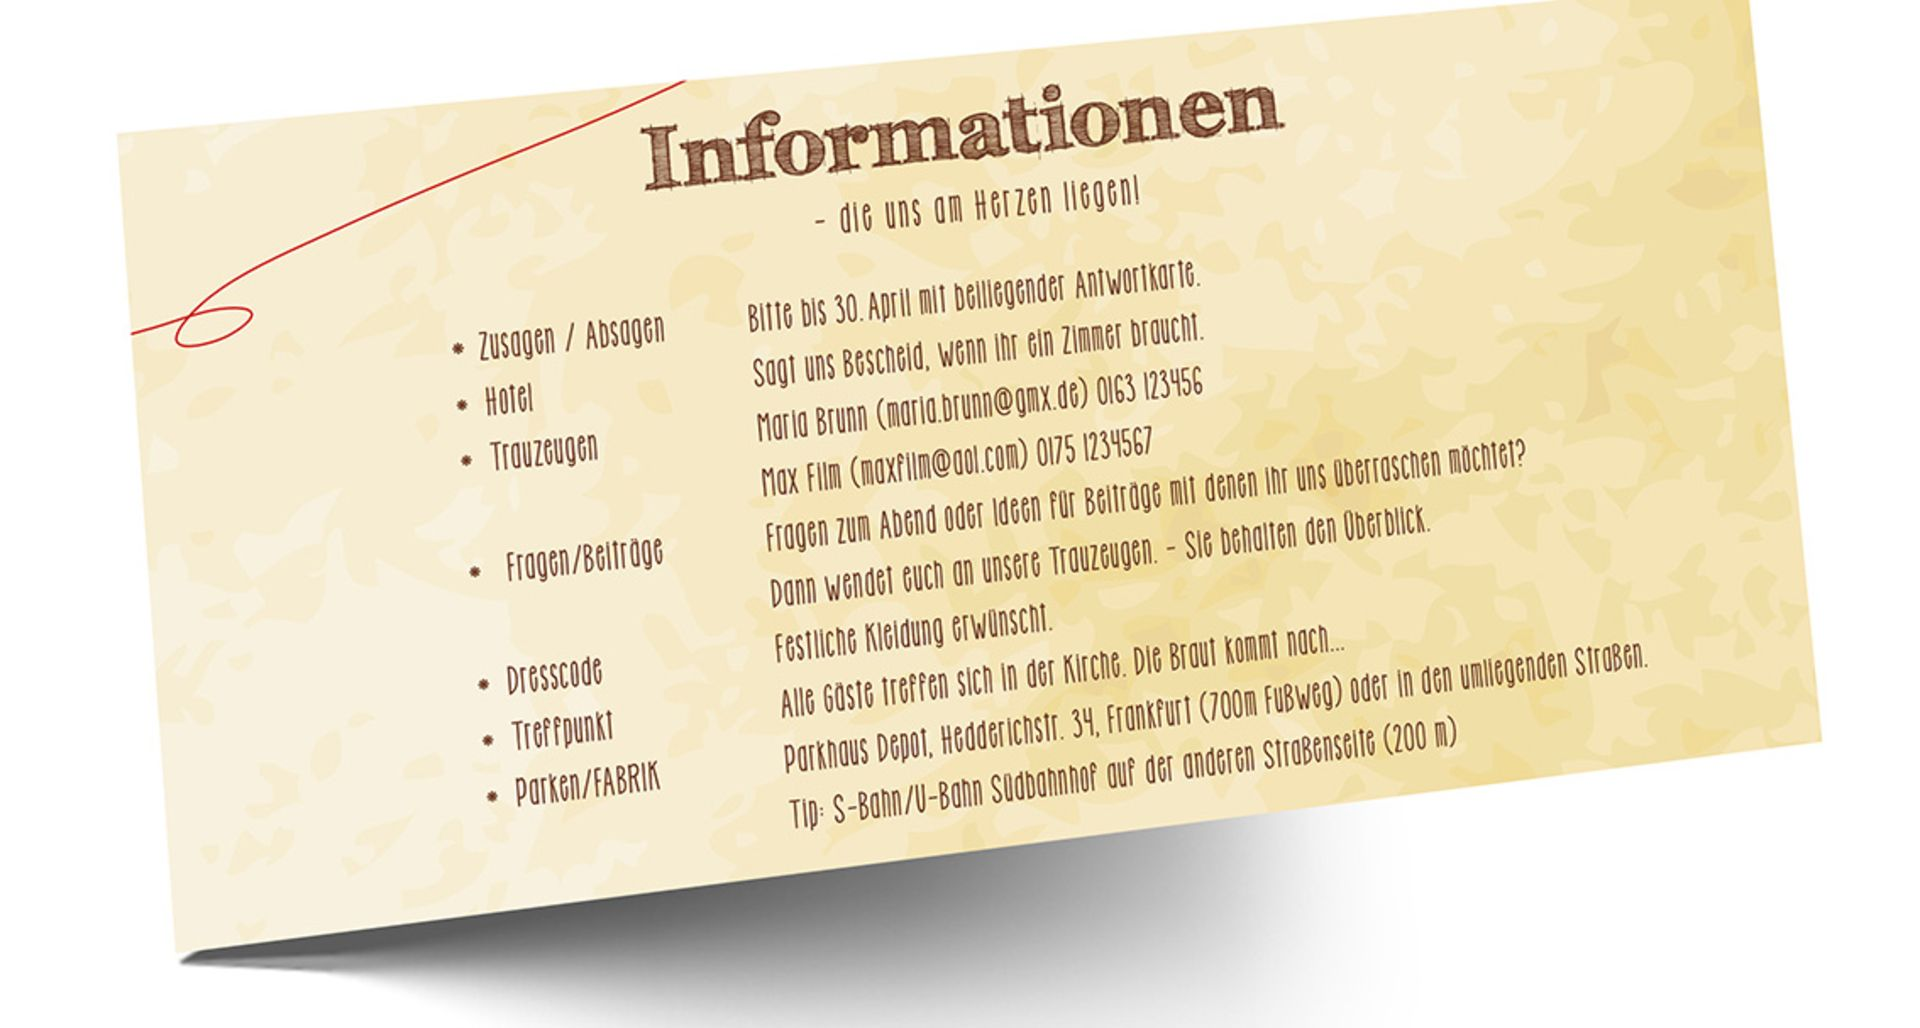 Einladungskarten Hochzeit Frankfurt - Vorlagen Design - Einladungskarten Hochzeit Frankfurt